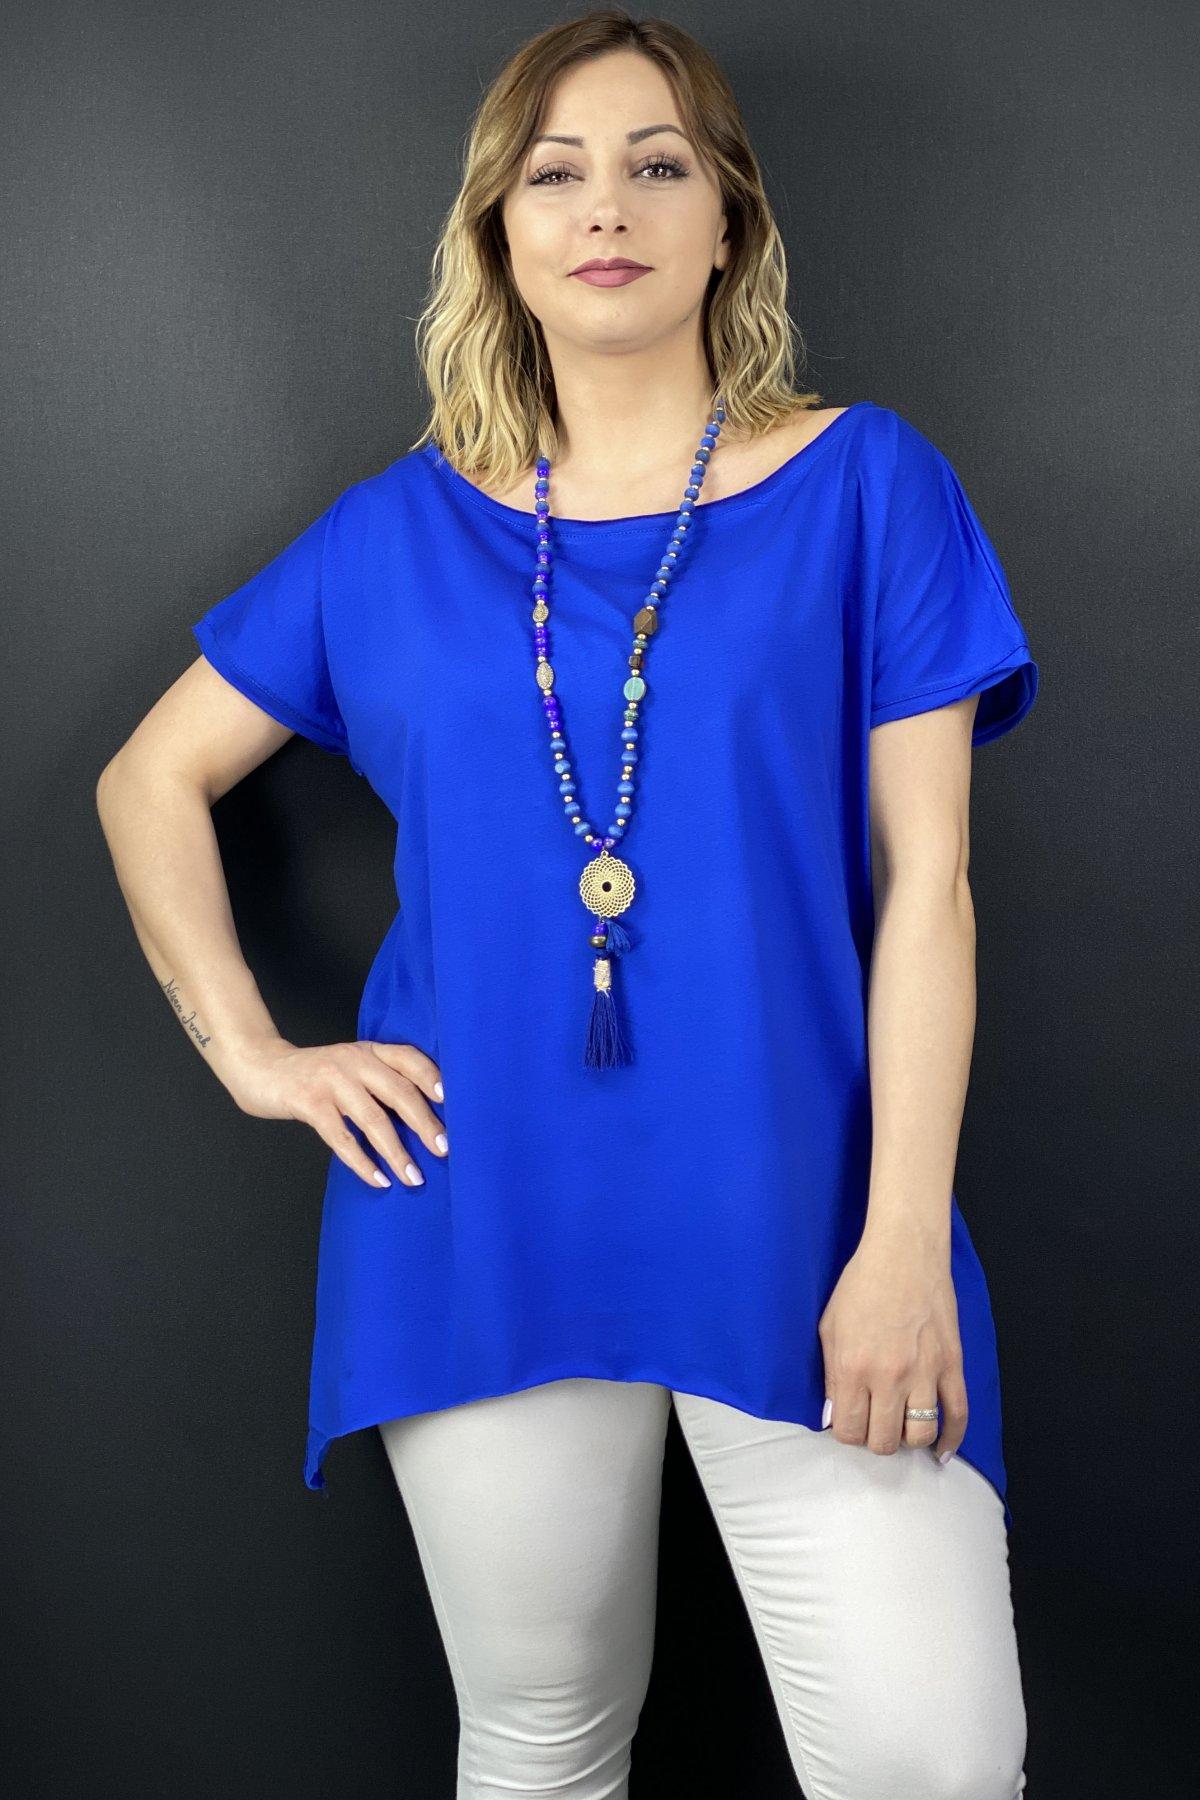 https://resim.chicbag.com.tr/p000497/sax/yakasi-ve-etegi-kesik-etek-ucu-asimetrik-t-shirt-0151342fdce8.jpg